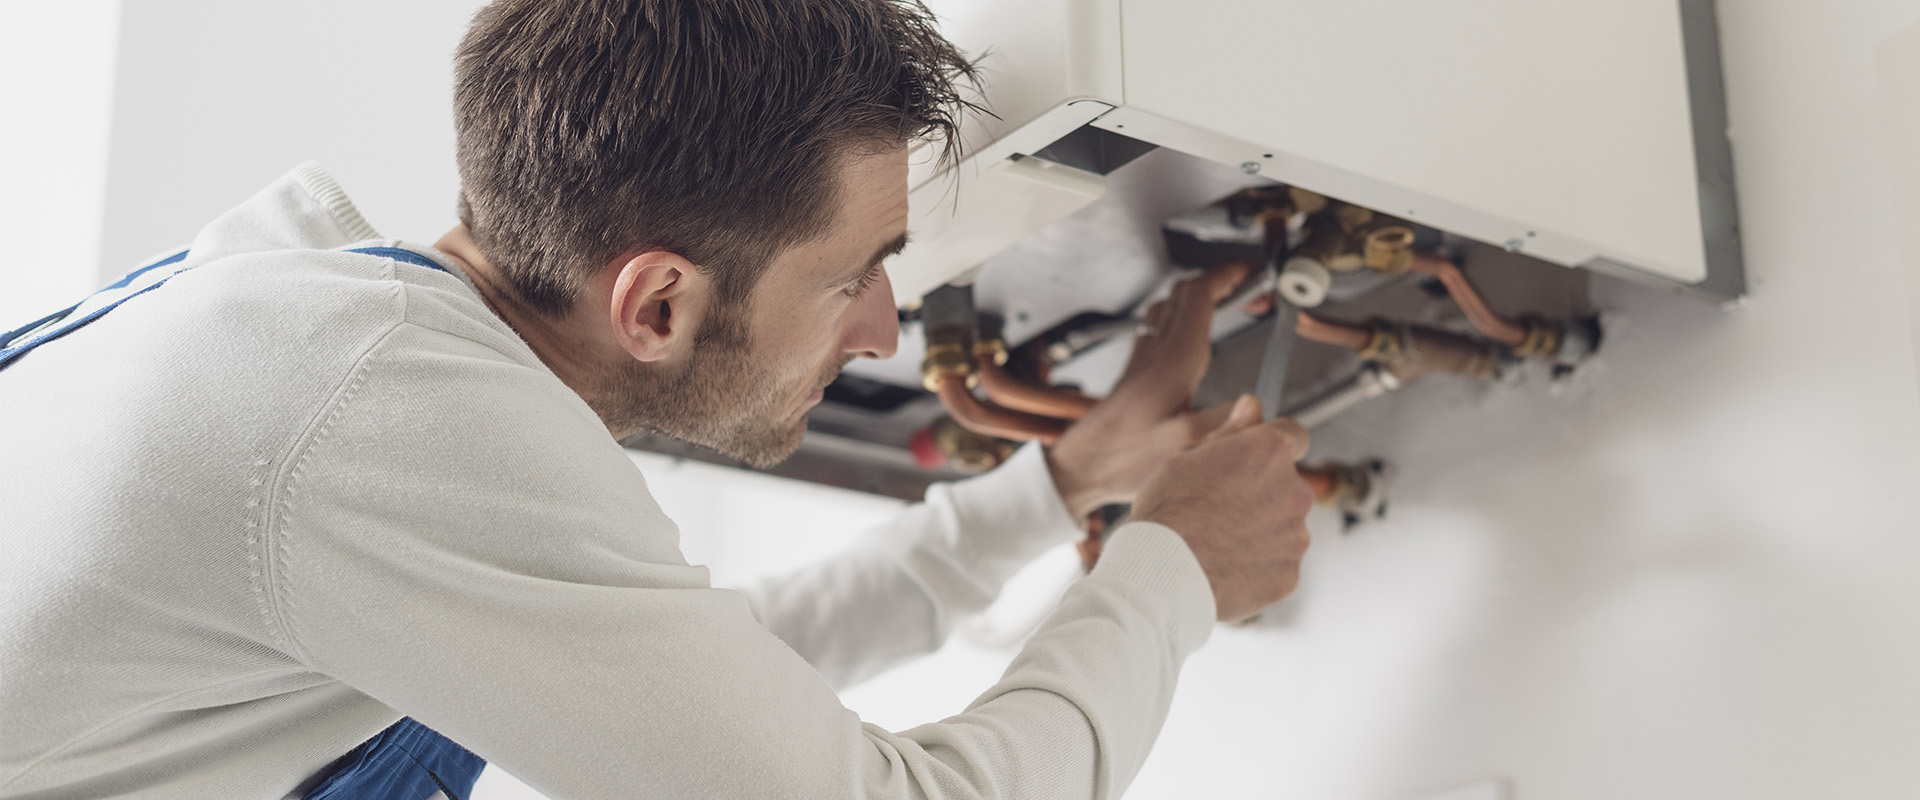 Qui répare une chaudière gaz ?